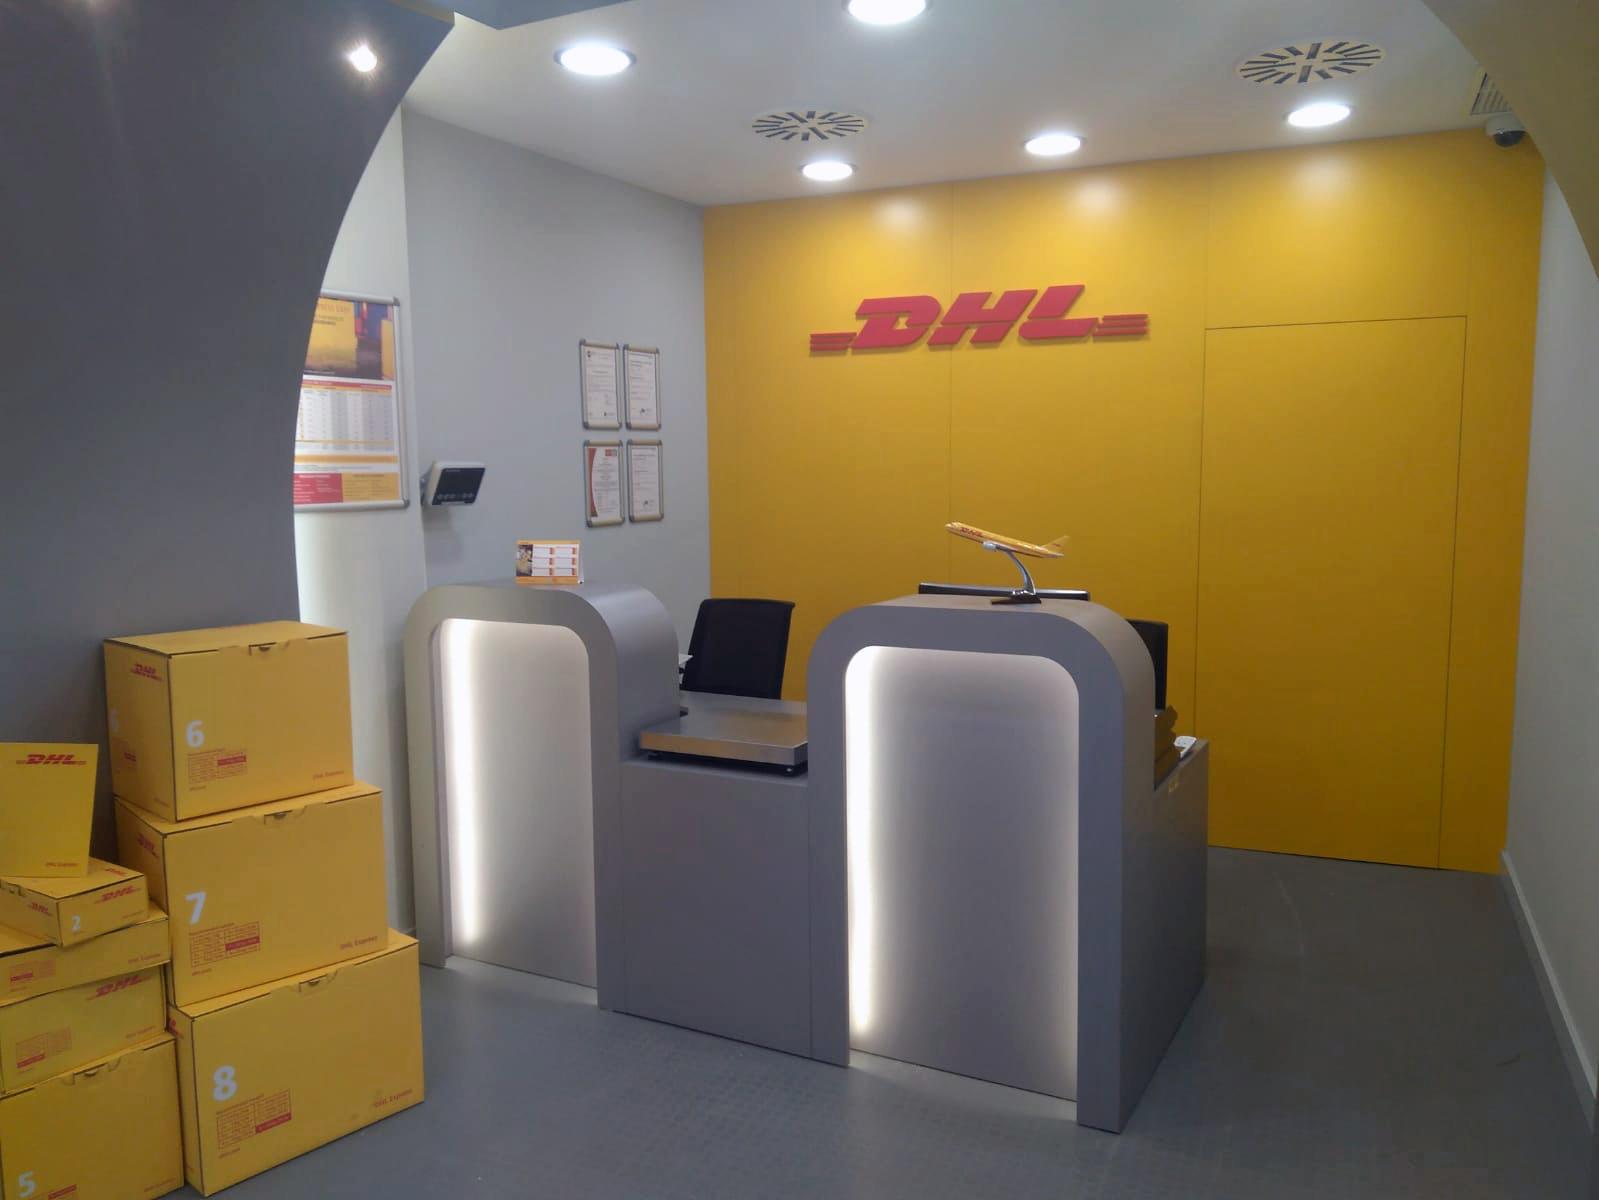 Express Center de DHL Express en Alicante